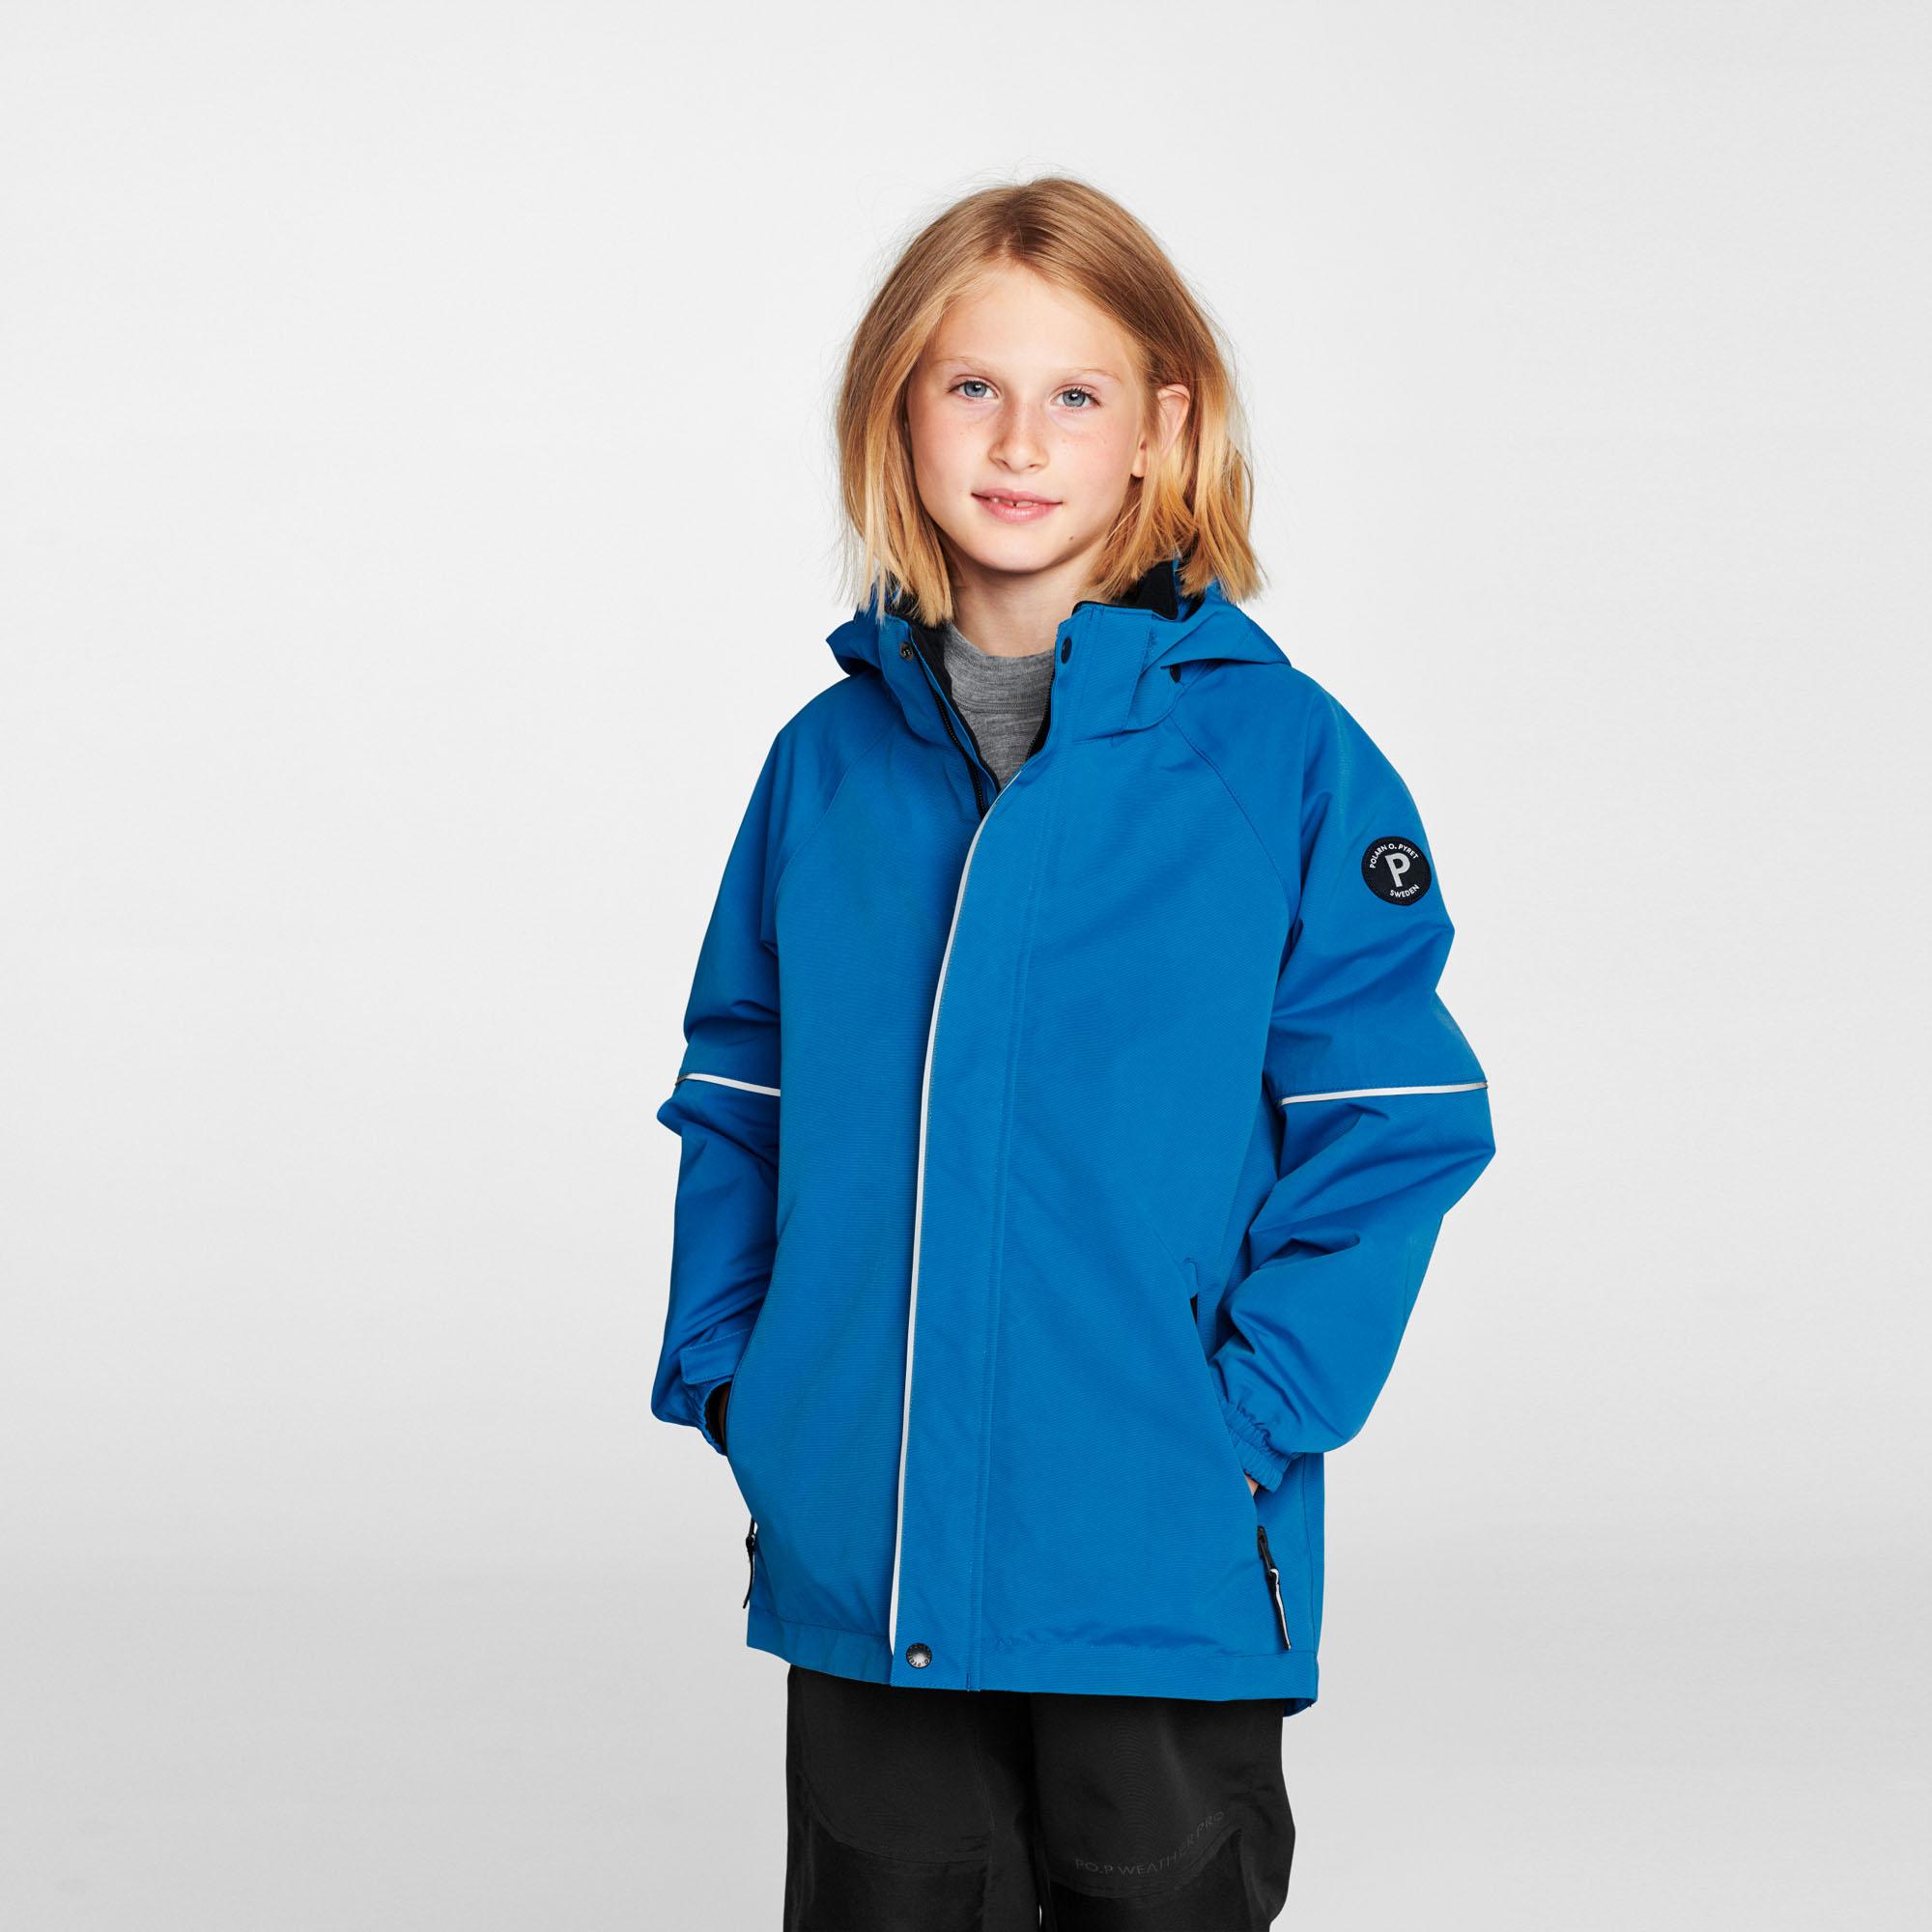 29fd8189 Yttertøy til barn | Gjør barnet rustet for all slags vær | Polarnopyret.no